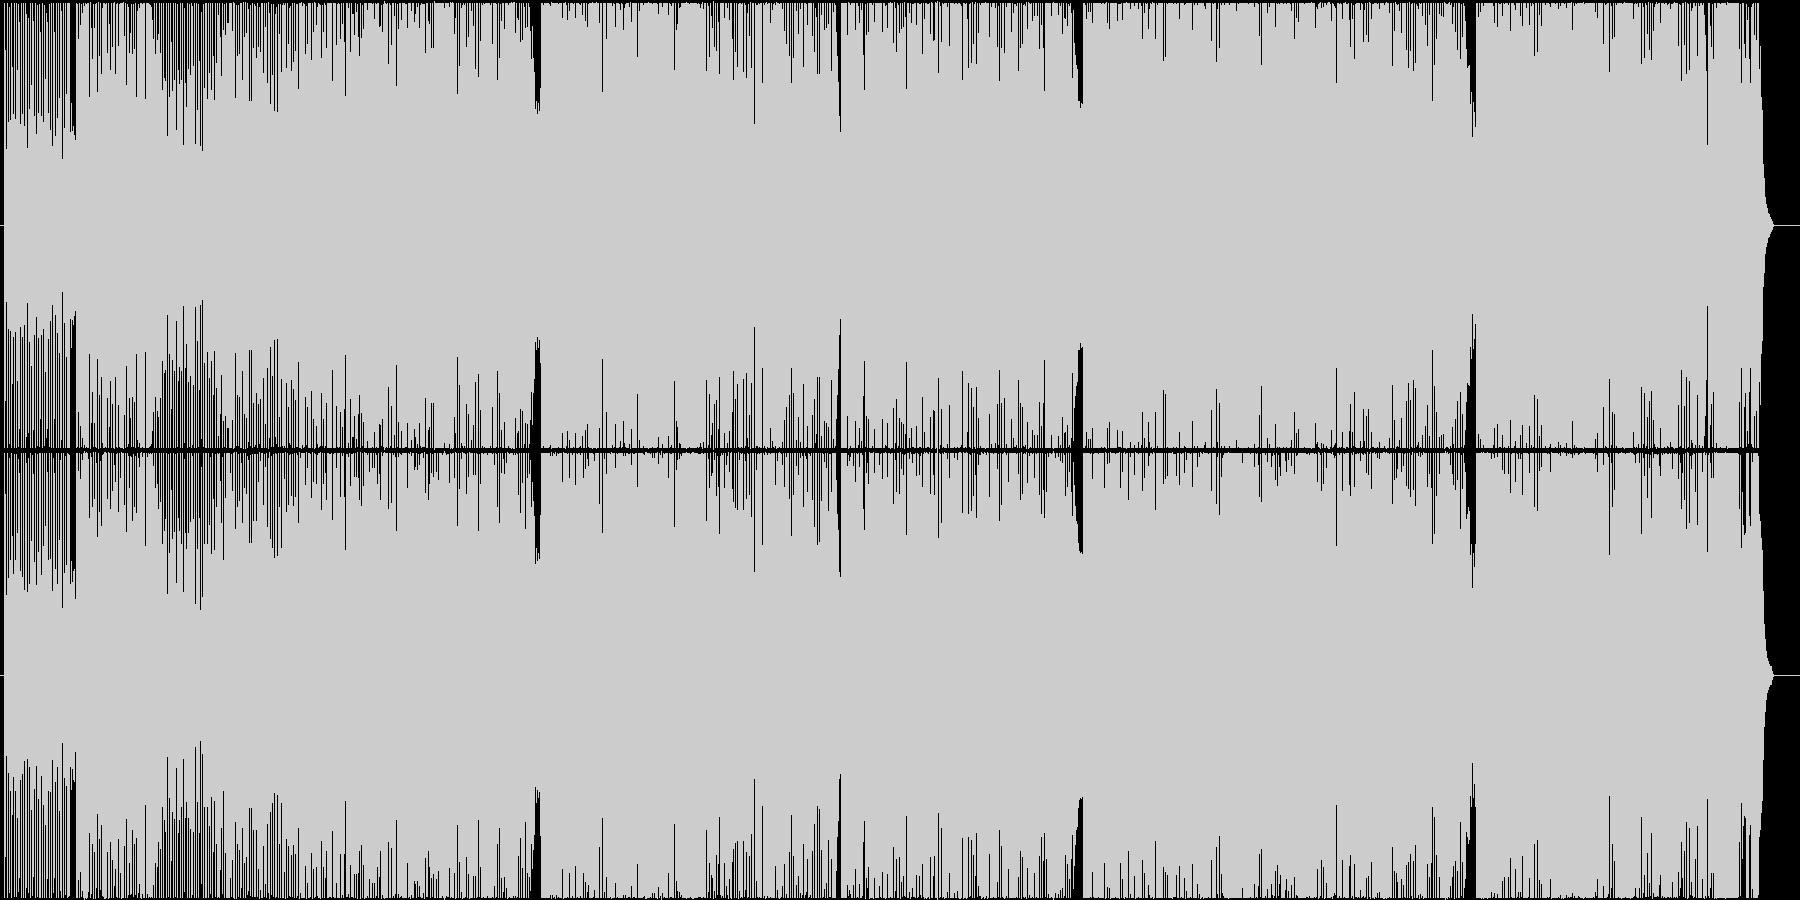 「時を駆け抜ける疾走感溢れるポップス」の未再生の波形